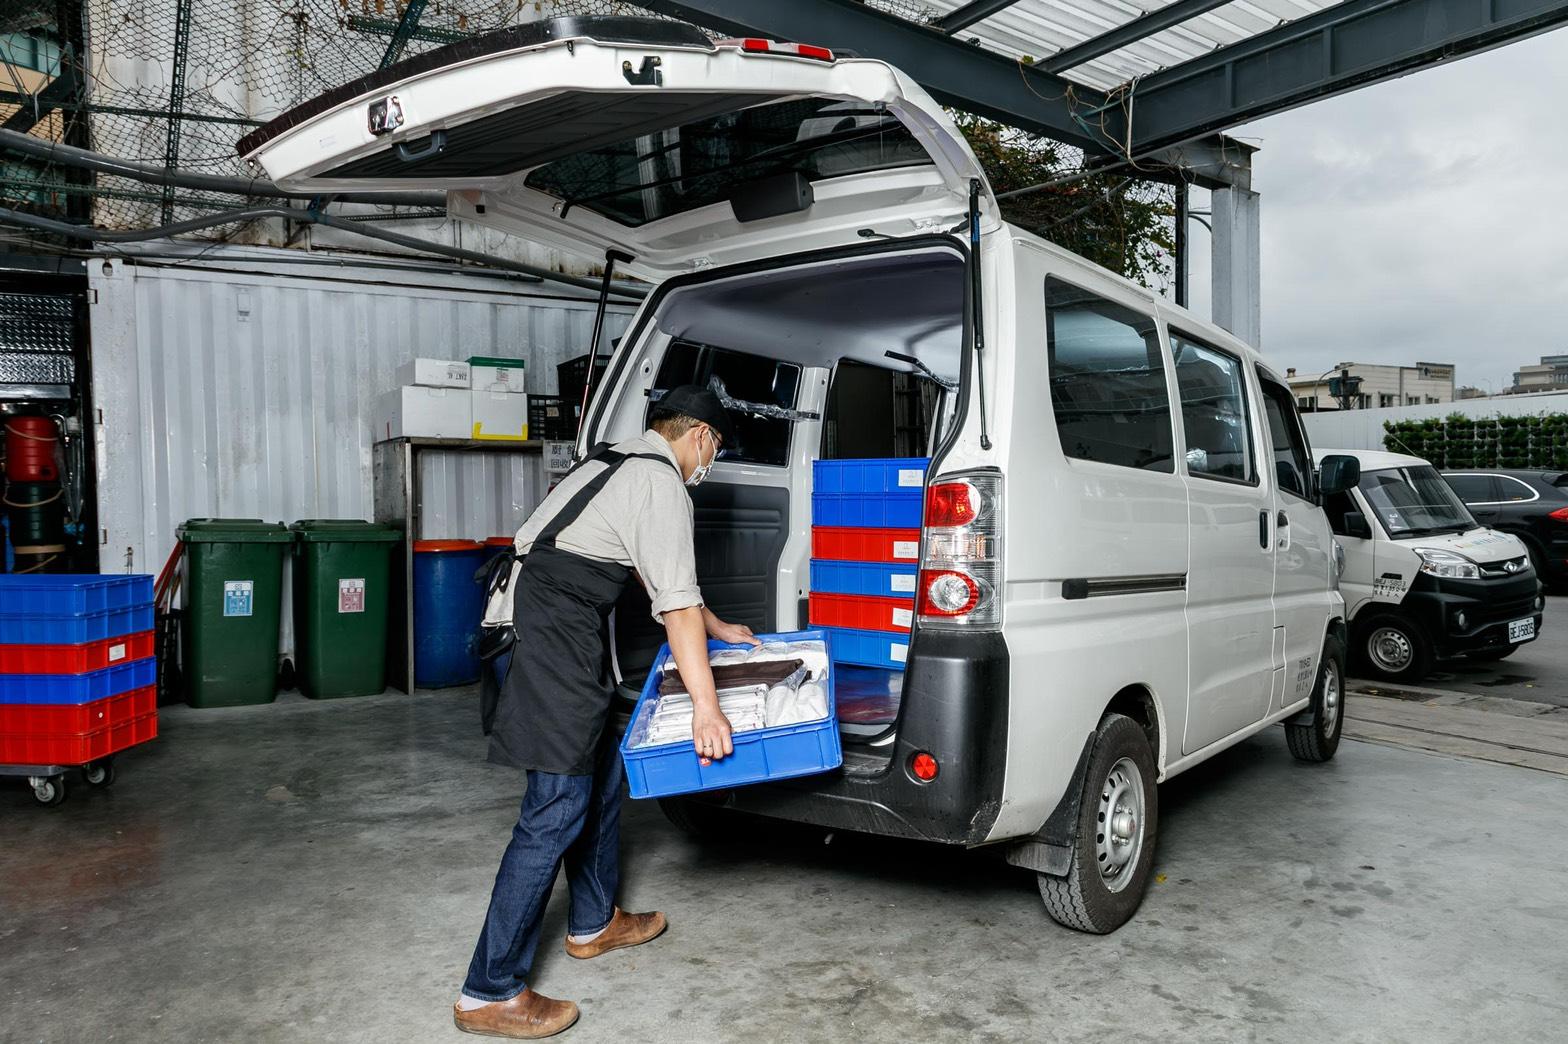 e-Veryca 室內可堆疊的靈活載貨空間也能援助各種需求的外燴訂單。